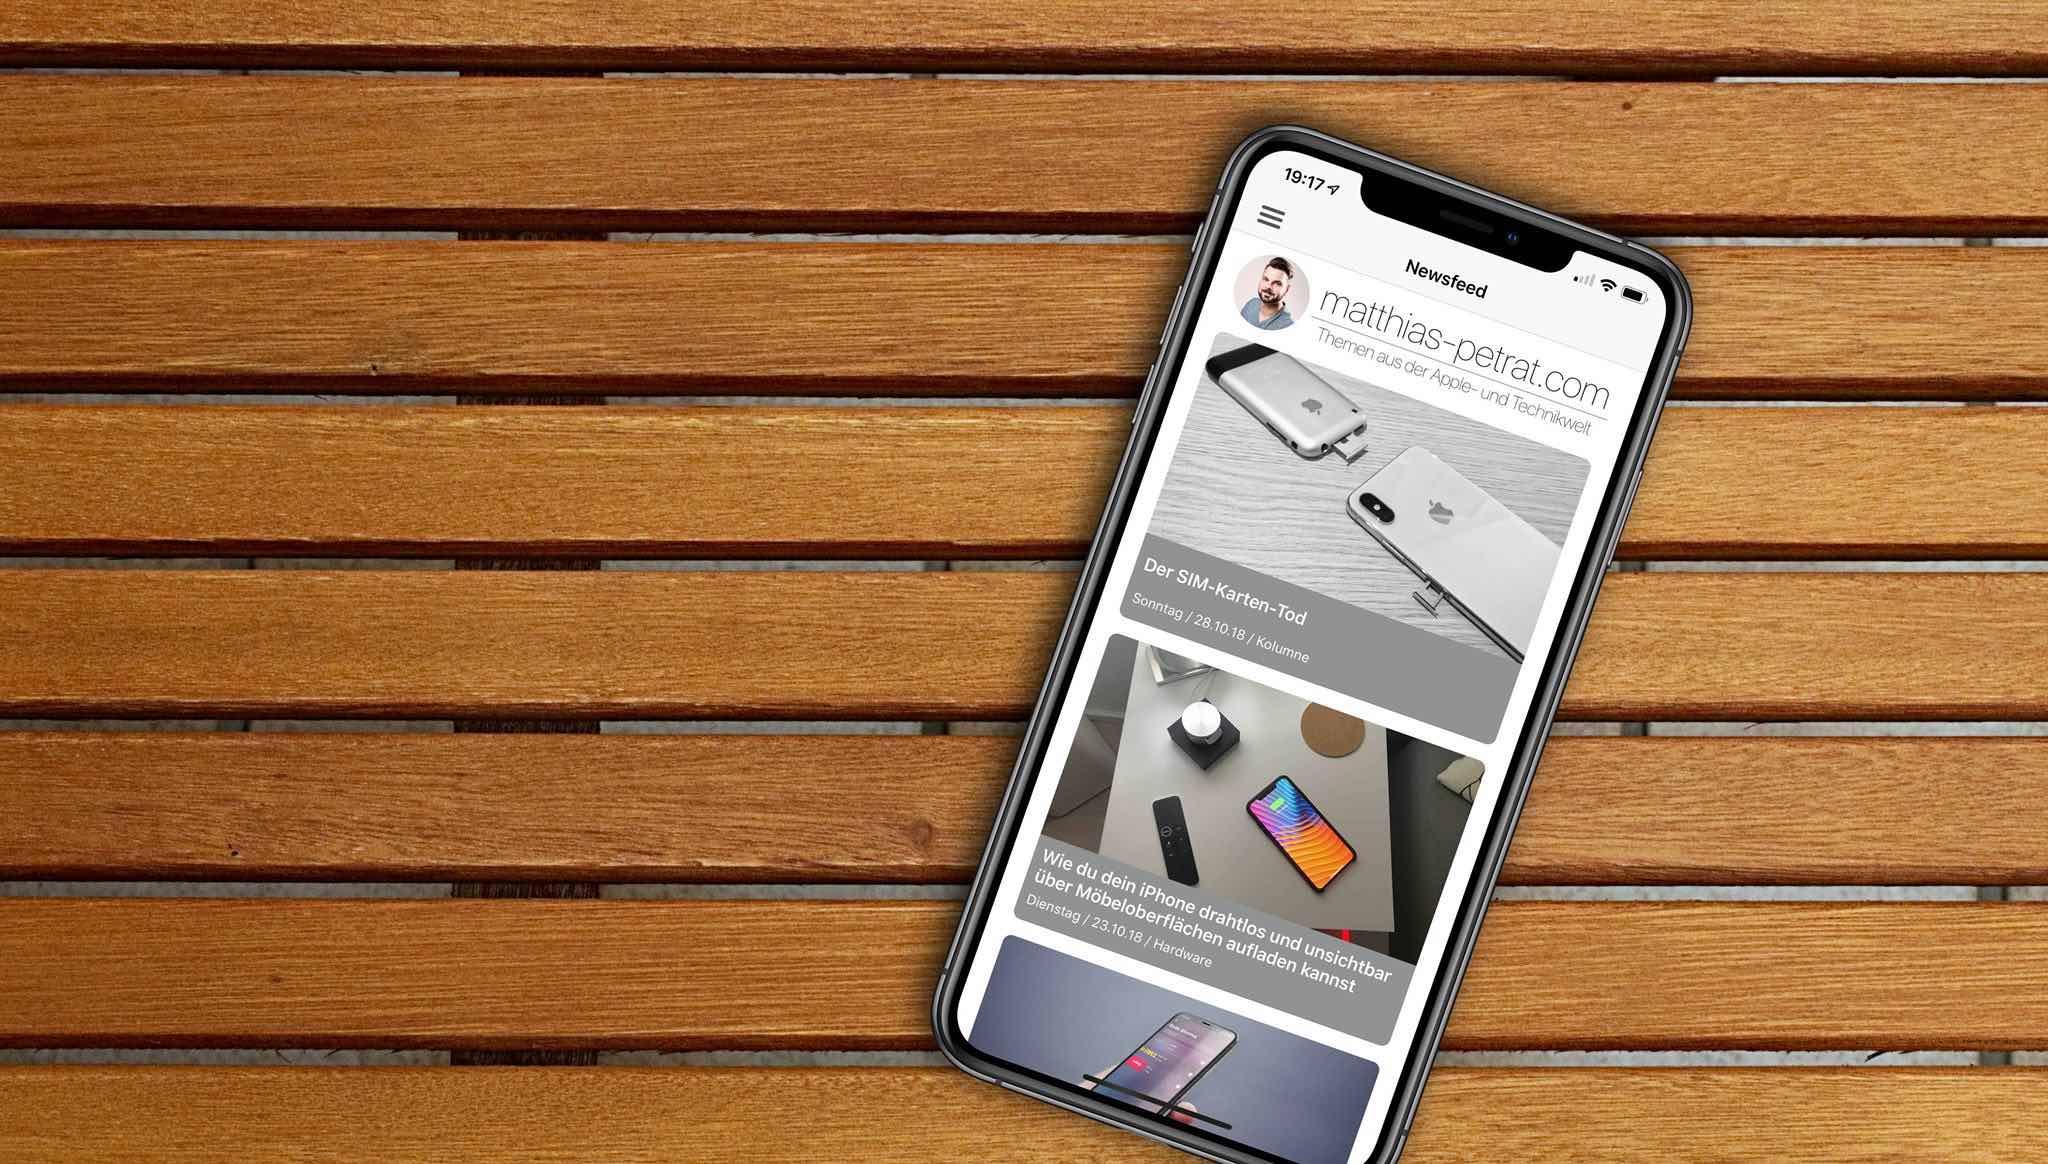 Blog_App_Version_11_Update Ab in den AppStore mit euch: Version 1.1 der Blog-App ist da